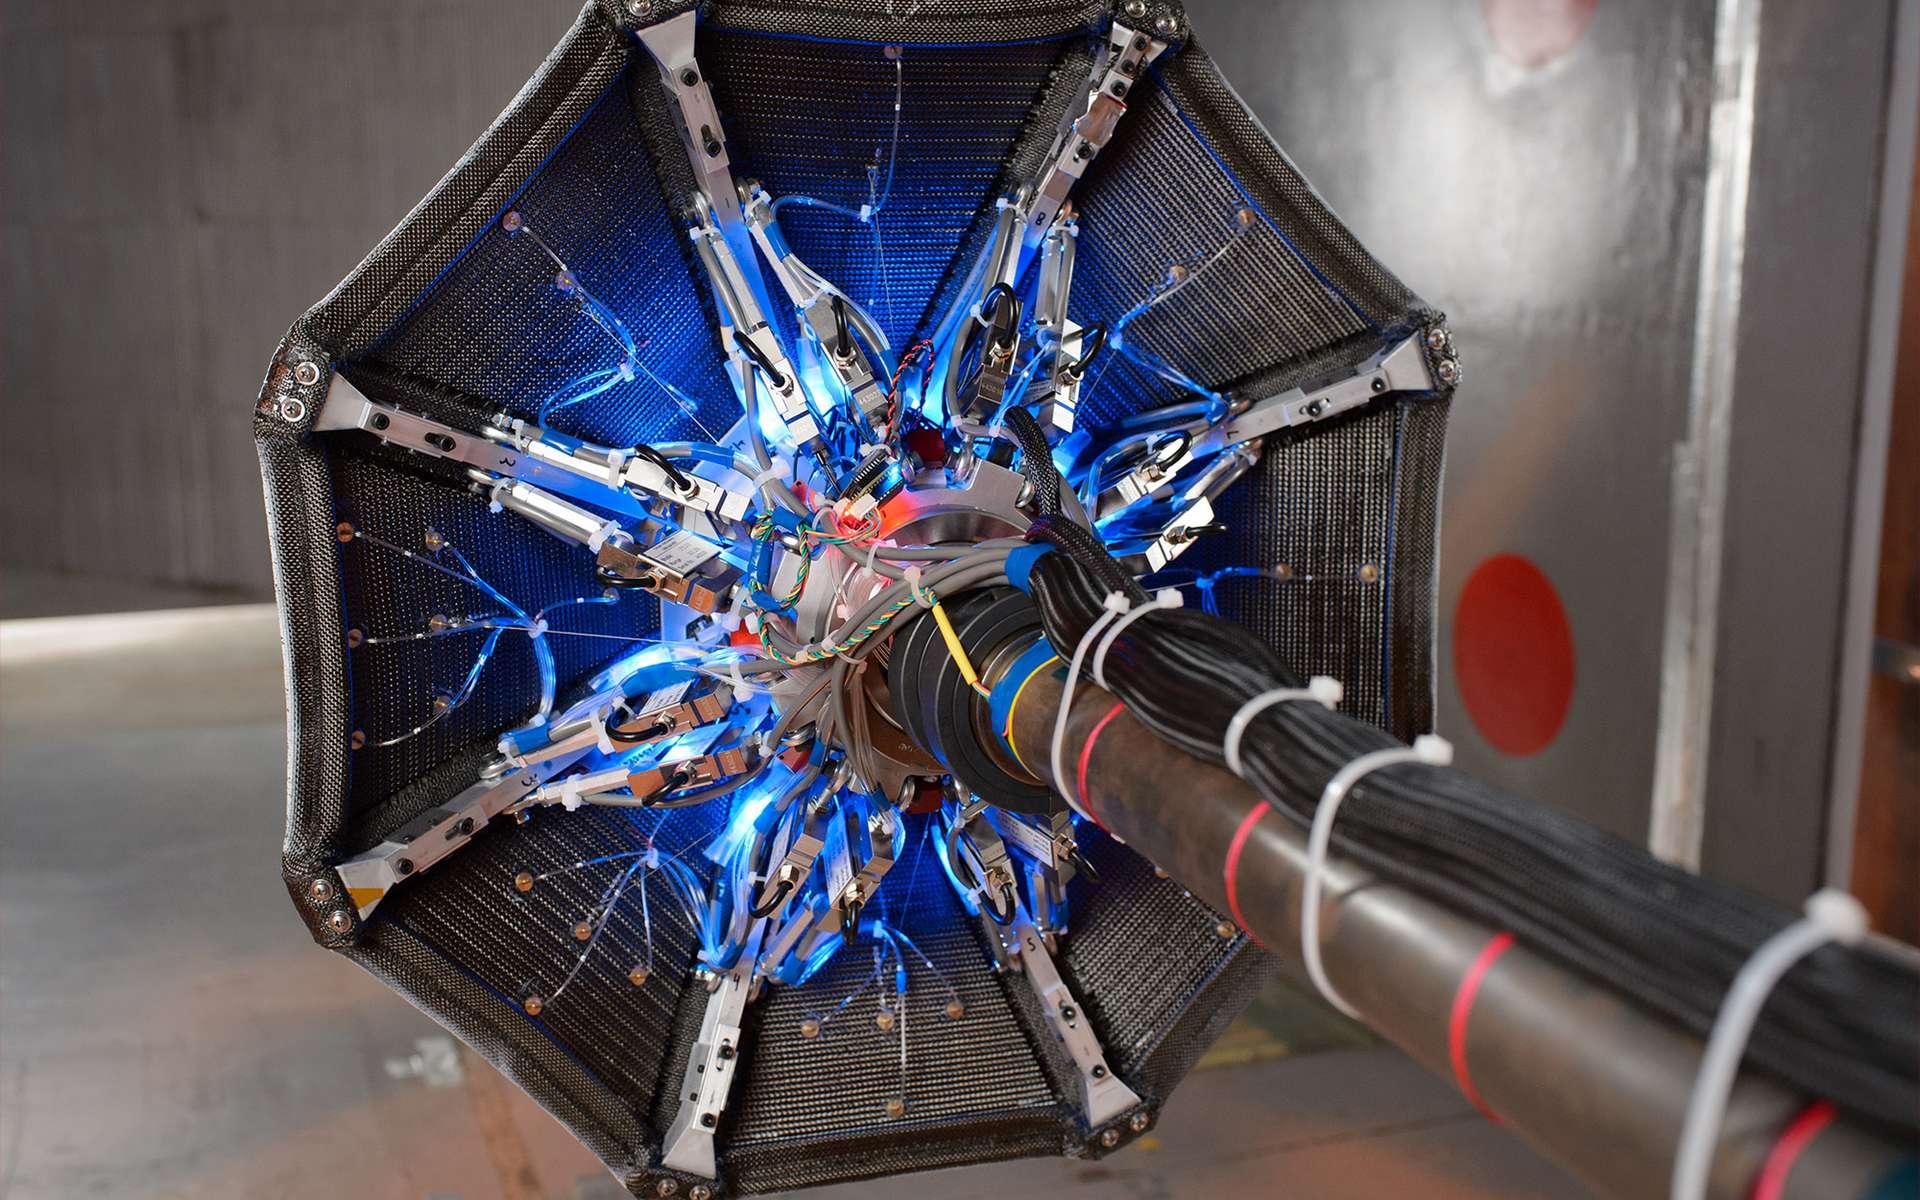 Le bouclier thermique Adept testé au sol. © NASA / Centre de recherche Ames